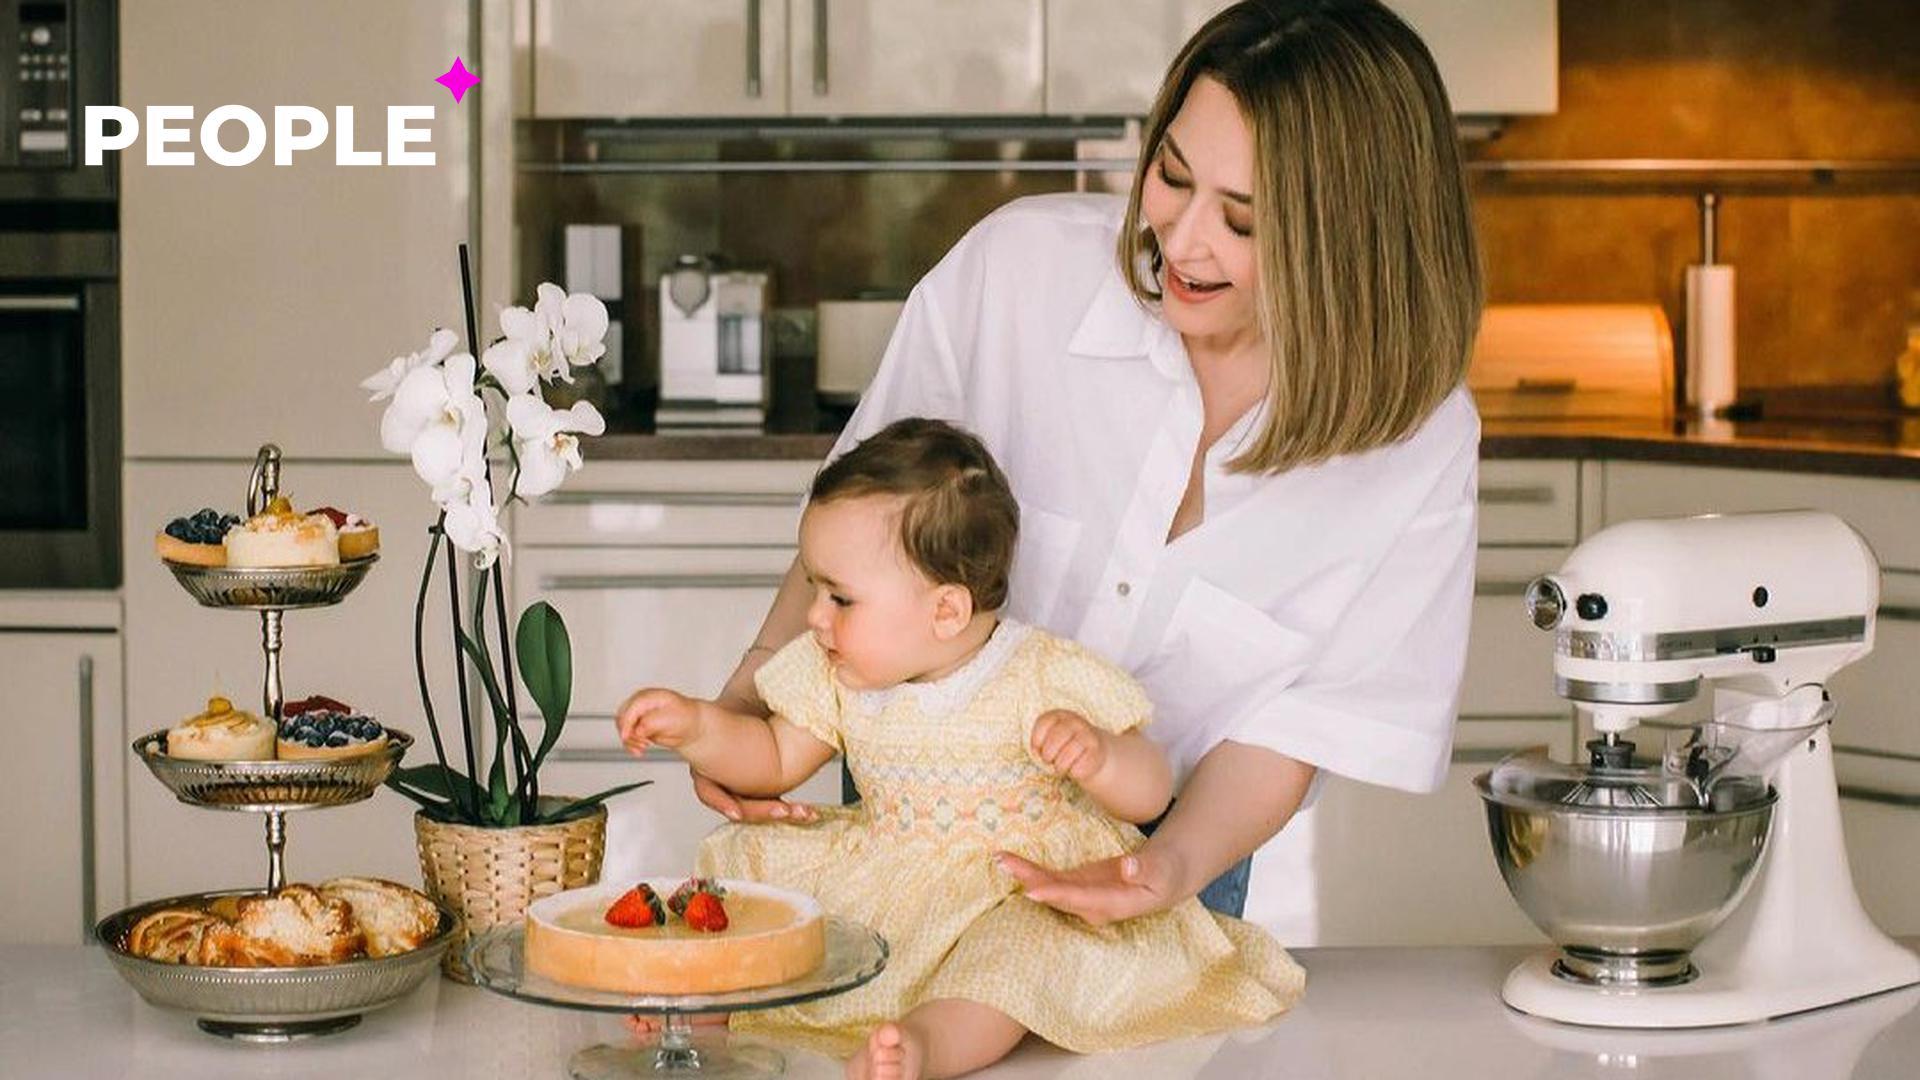 Карнай-сурнай и сказочные создания: певица Лола закатила громкую вечеринку в честь дня рождения младшей дочери